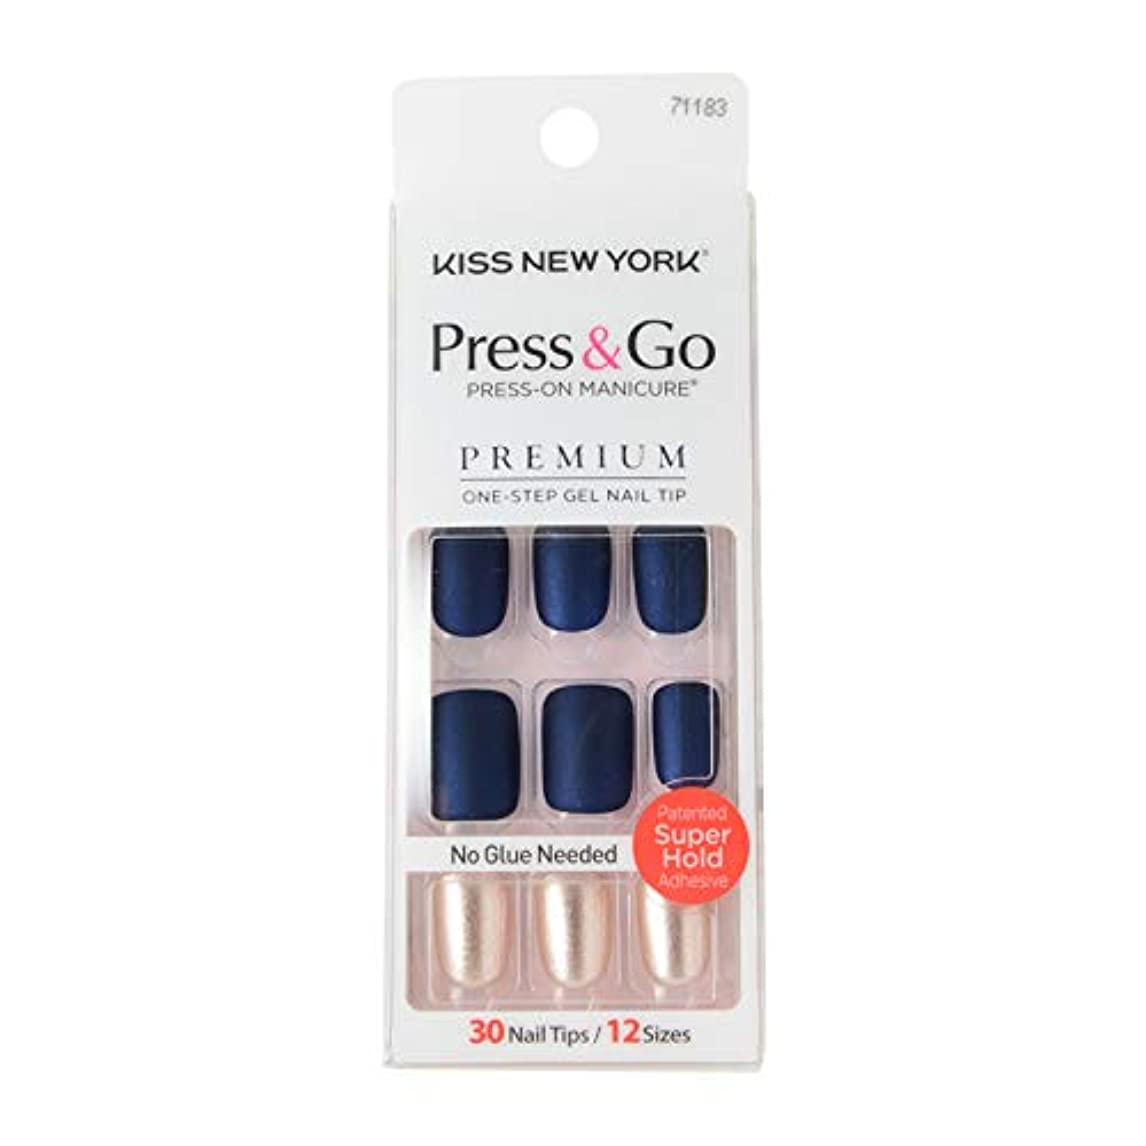 アクセシブル比率スクラッチキスニューヨーク (KISS NEW YORK) KISS NEWYORK ネイルチップPress&Go BIPA020J 19g